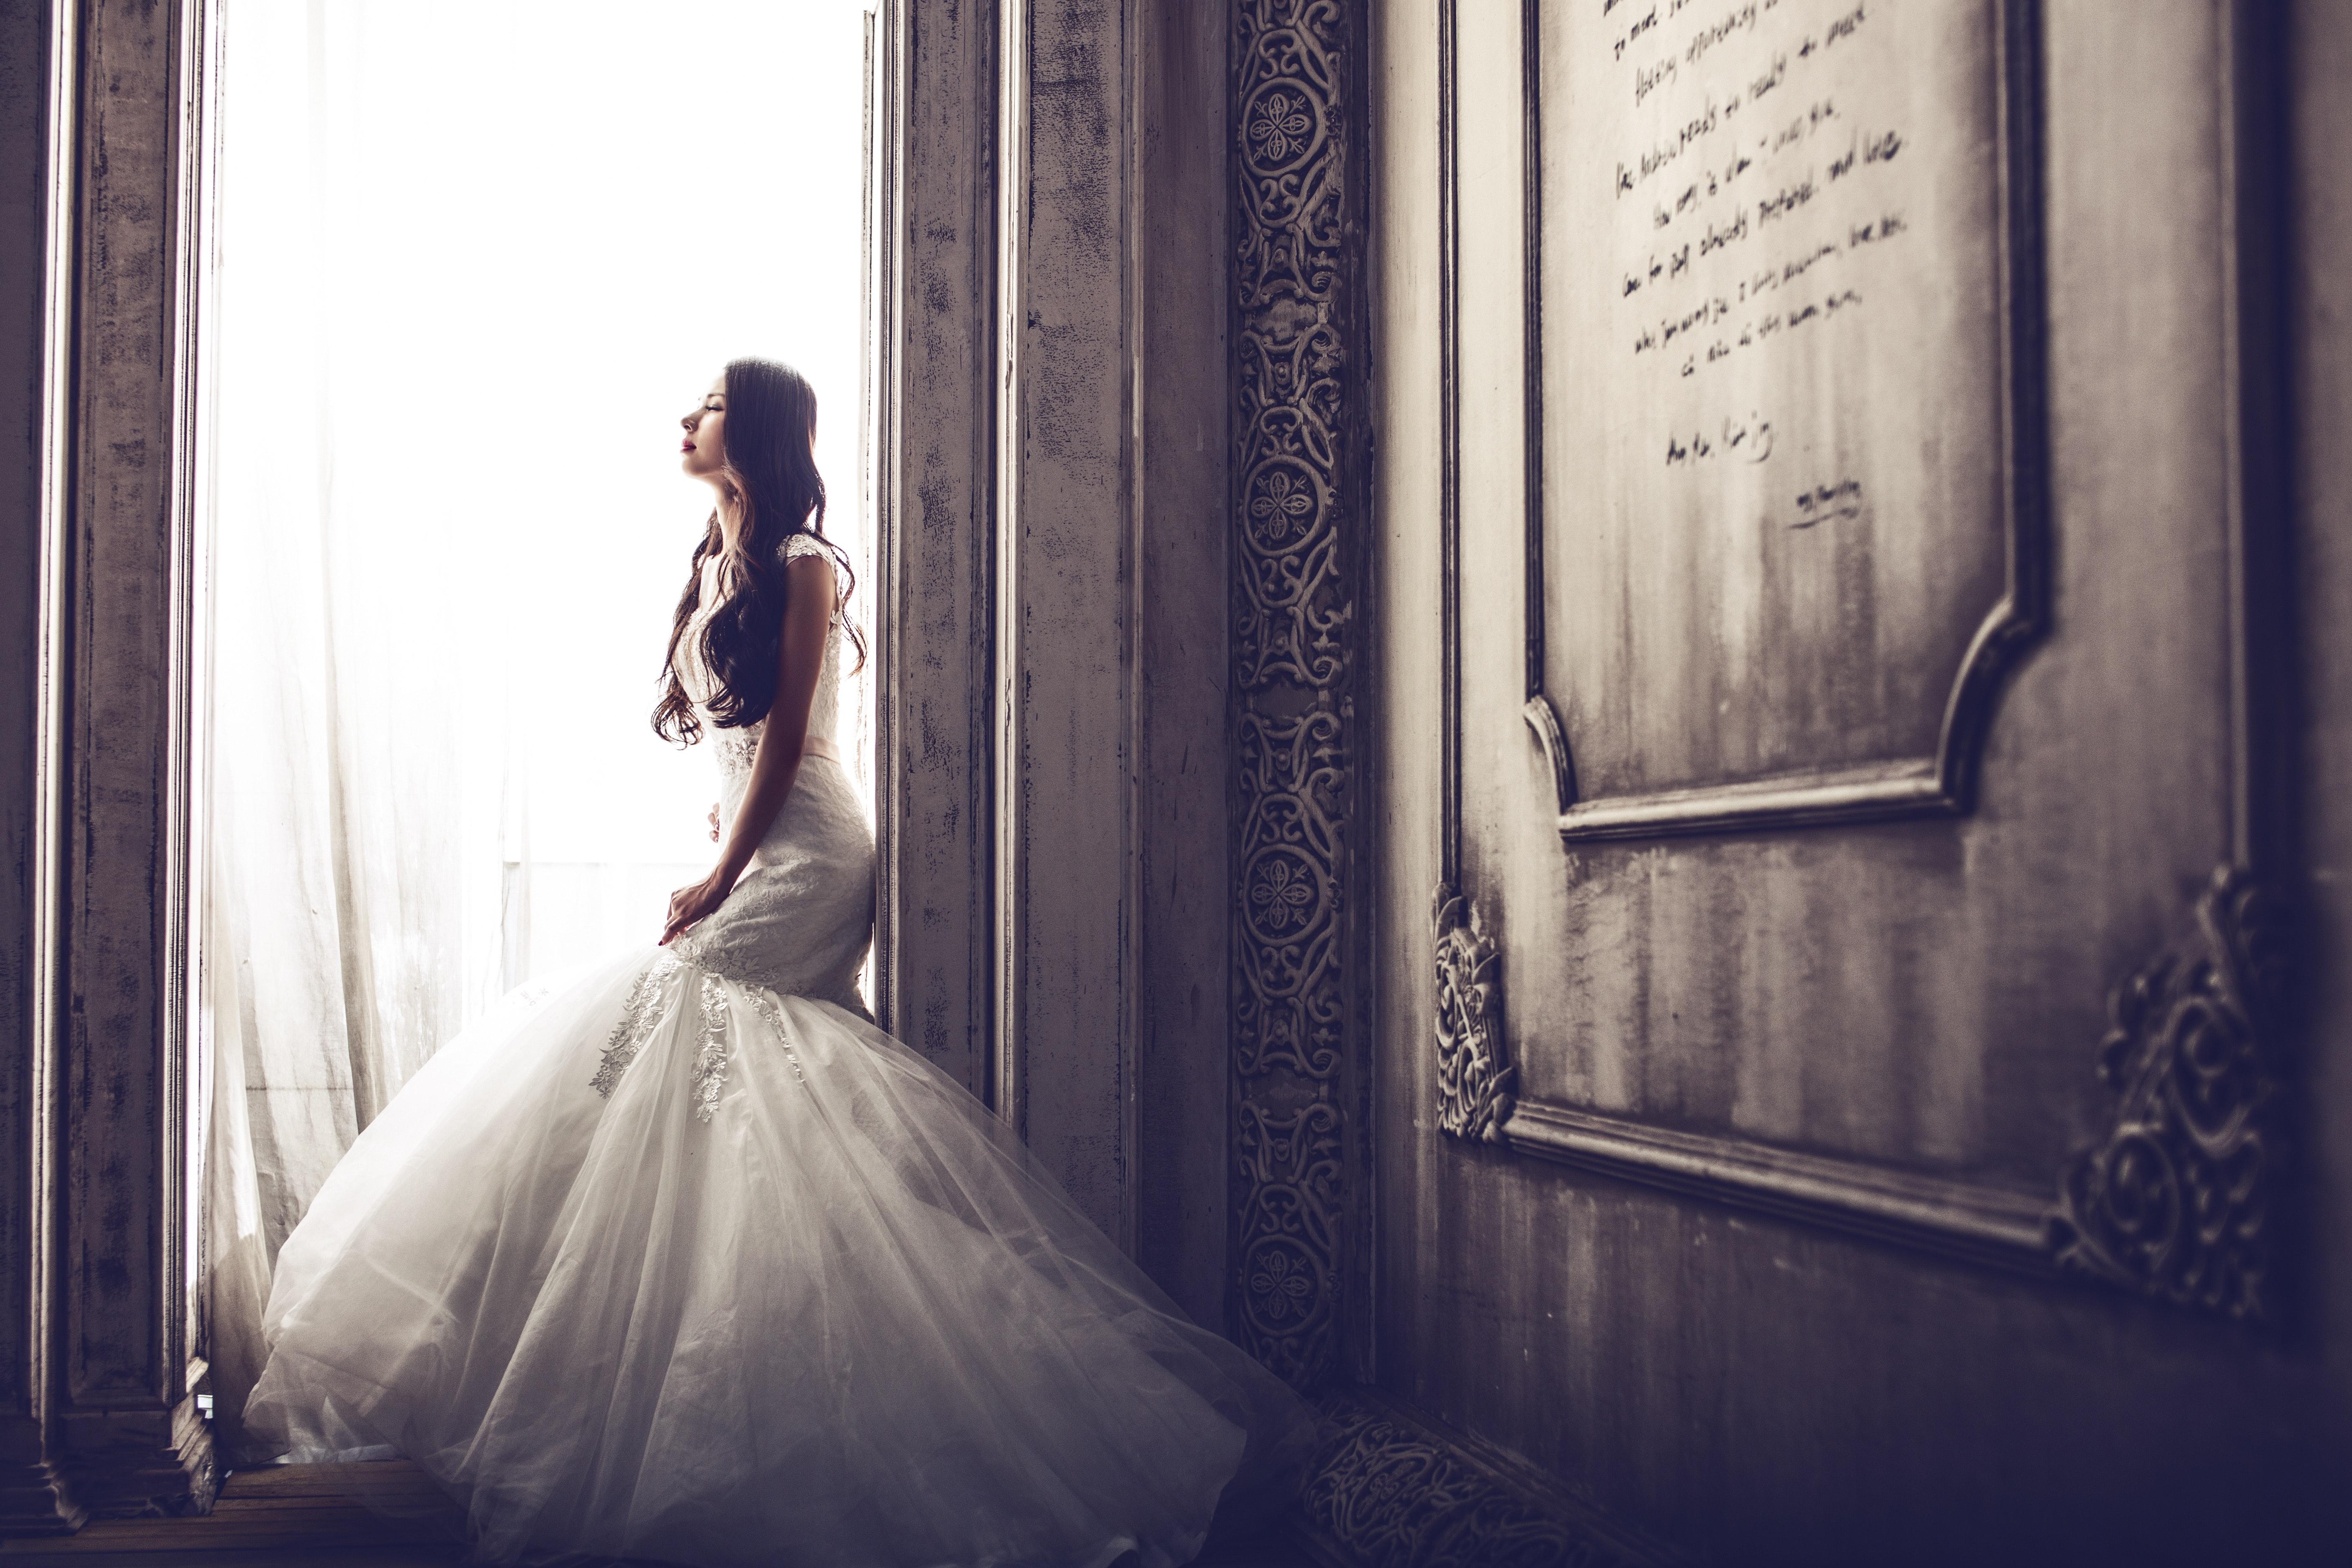 adult-bride-classic-265728 (1)